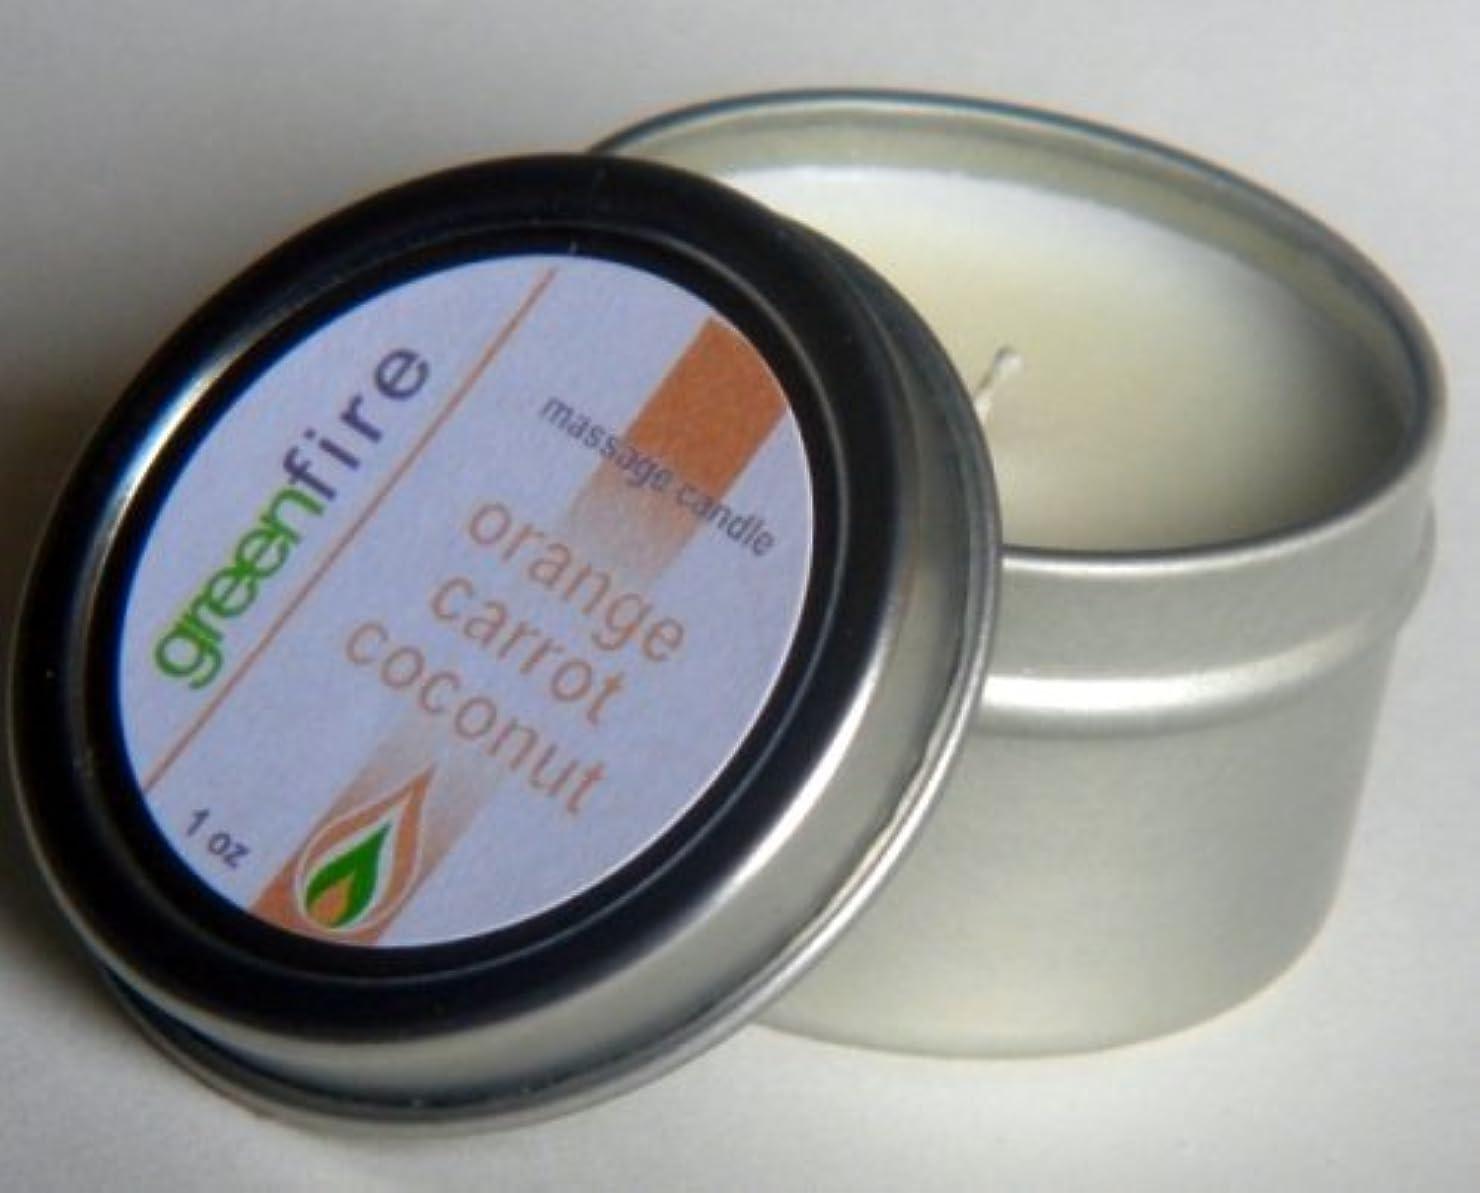 教える印刷するサーマルグリーンファイヤーマッサージオイル/2パック入り オレンジ?キャロット?ココナッツ/ローズウッド?カモミール?イランイランの香り(サイズ:各29.6mL)